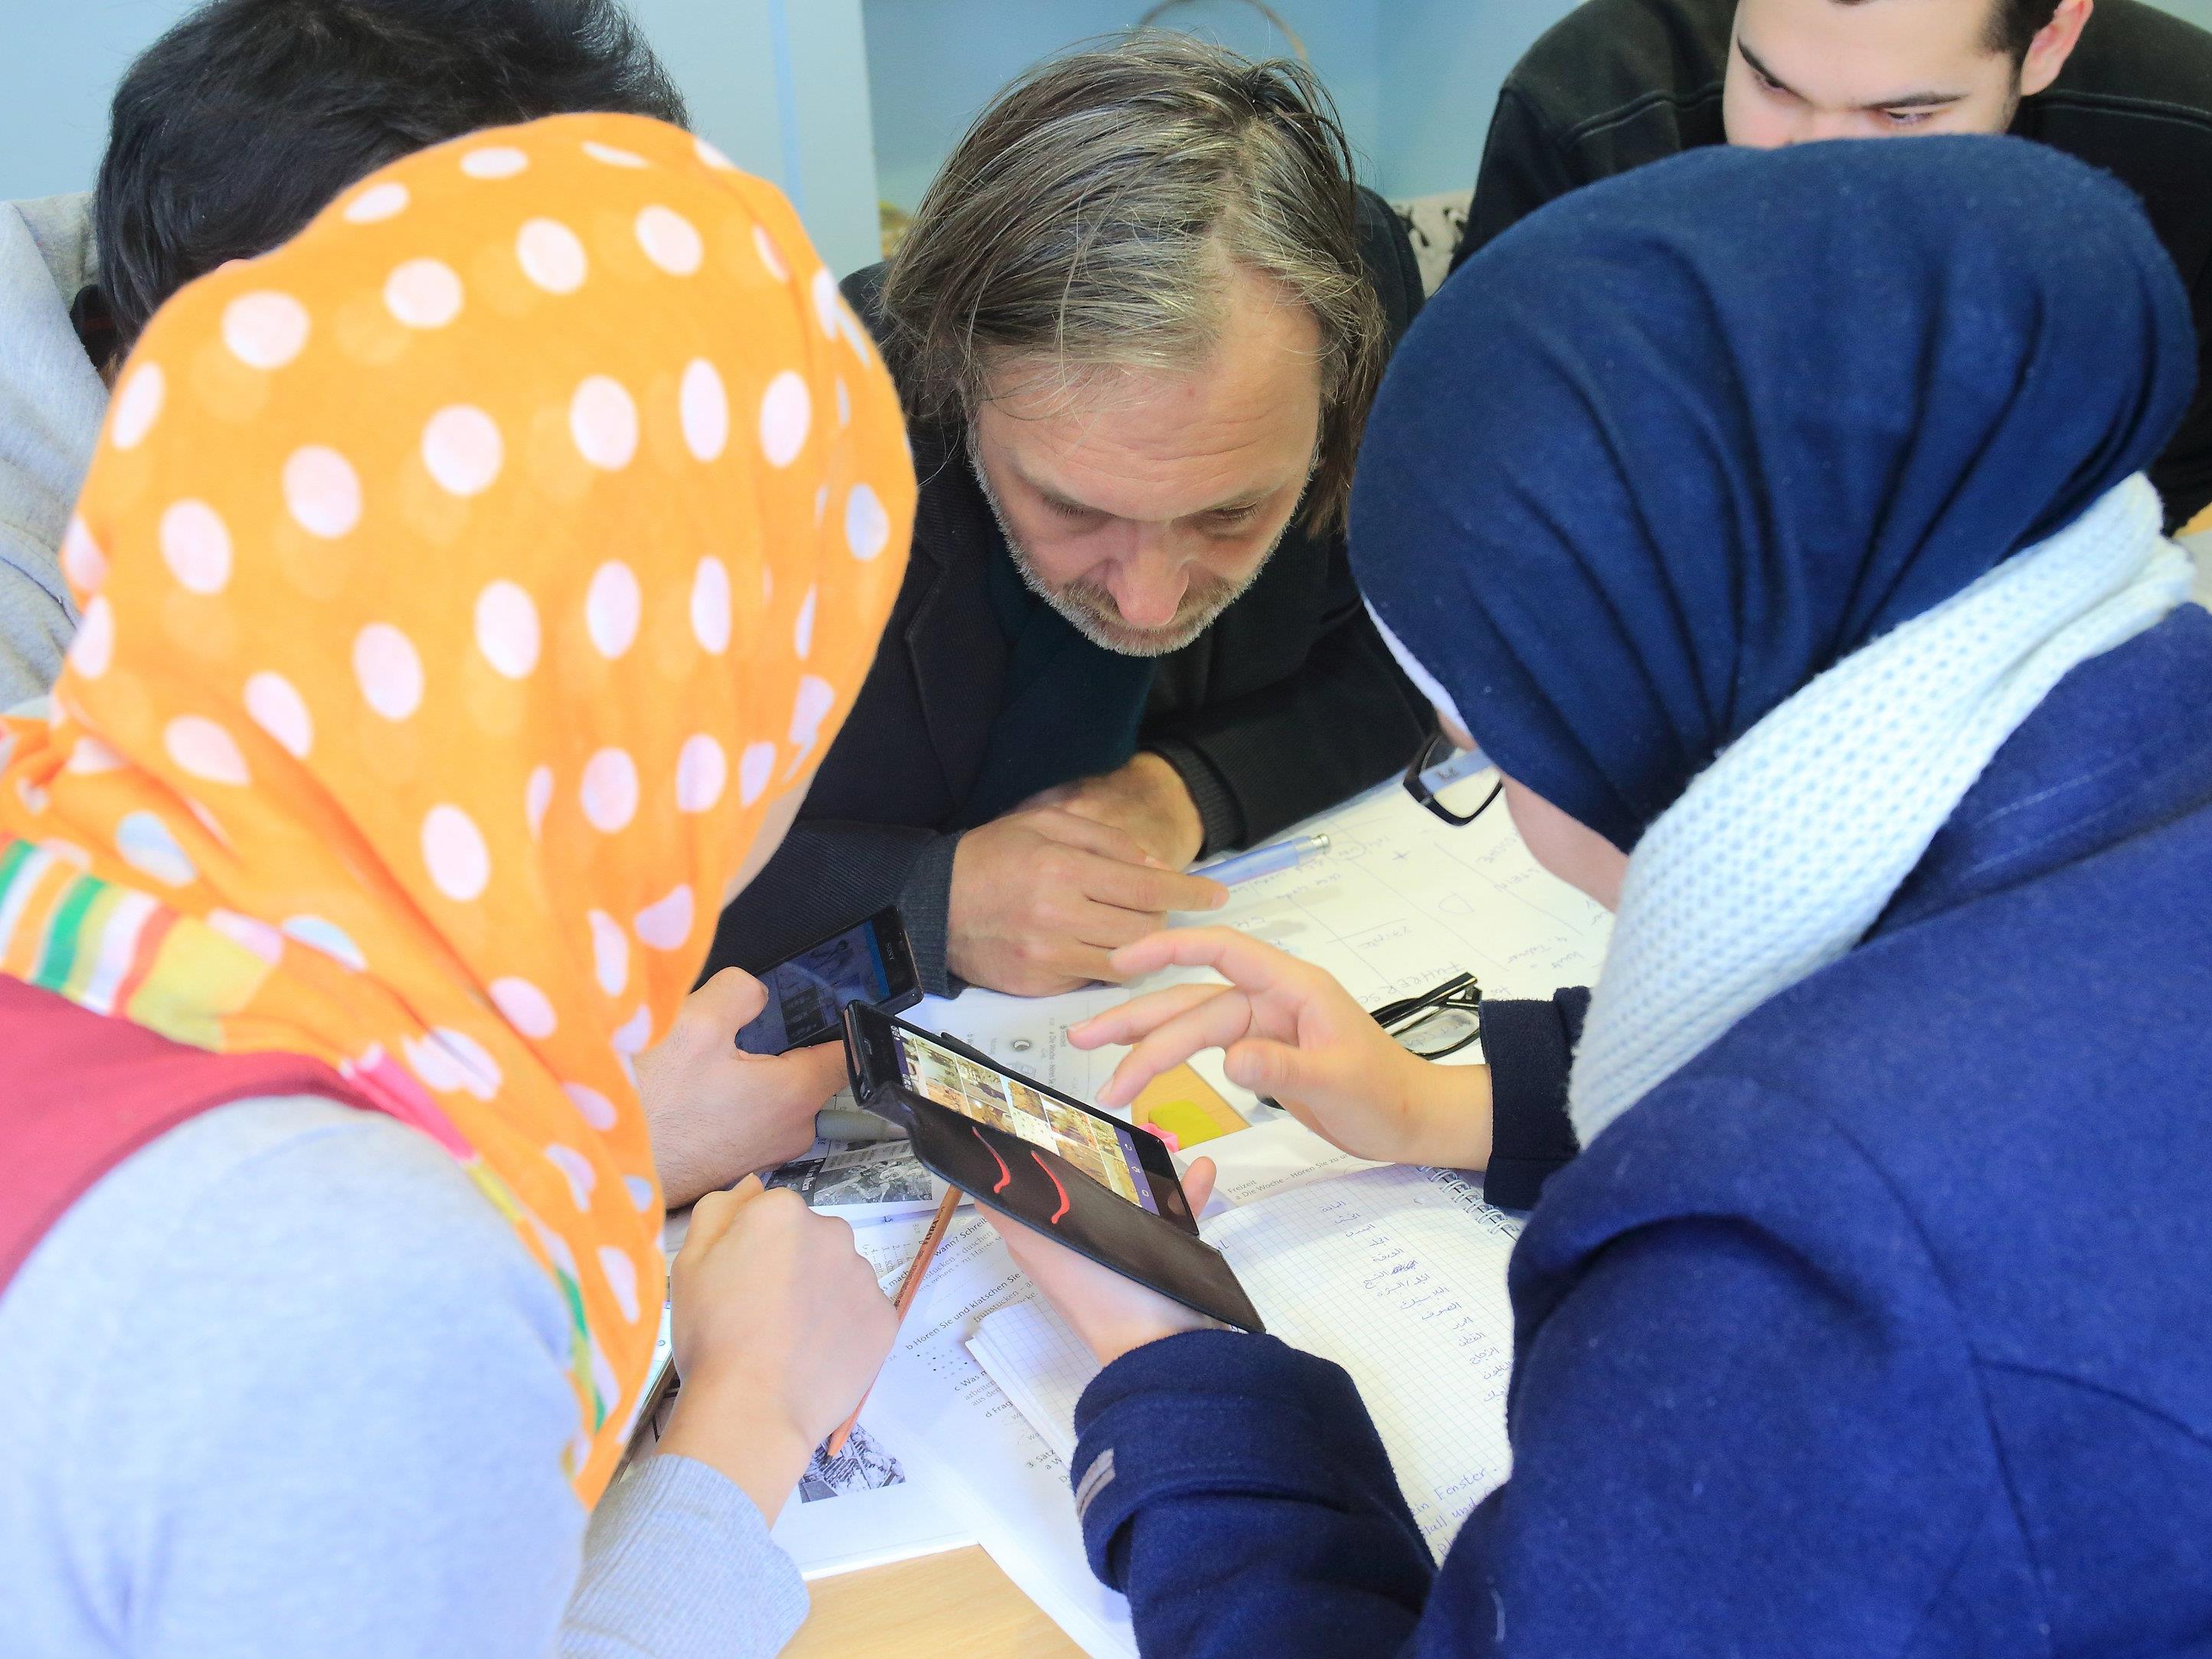 Neben der freiwilligen Arbeit in sozialen Einrichtungen sind der besuch von verschiedenen Kursen integraler Bestandteil des Integrationsjahres.